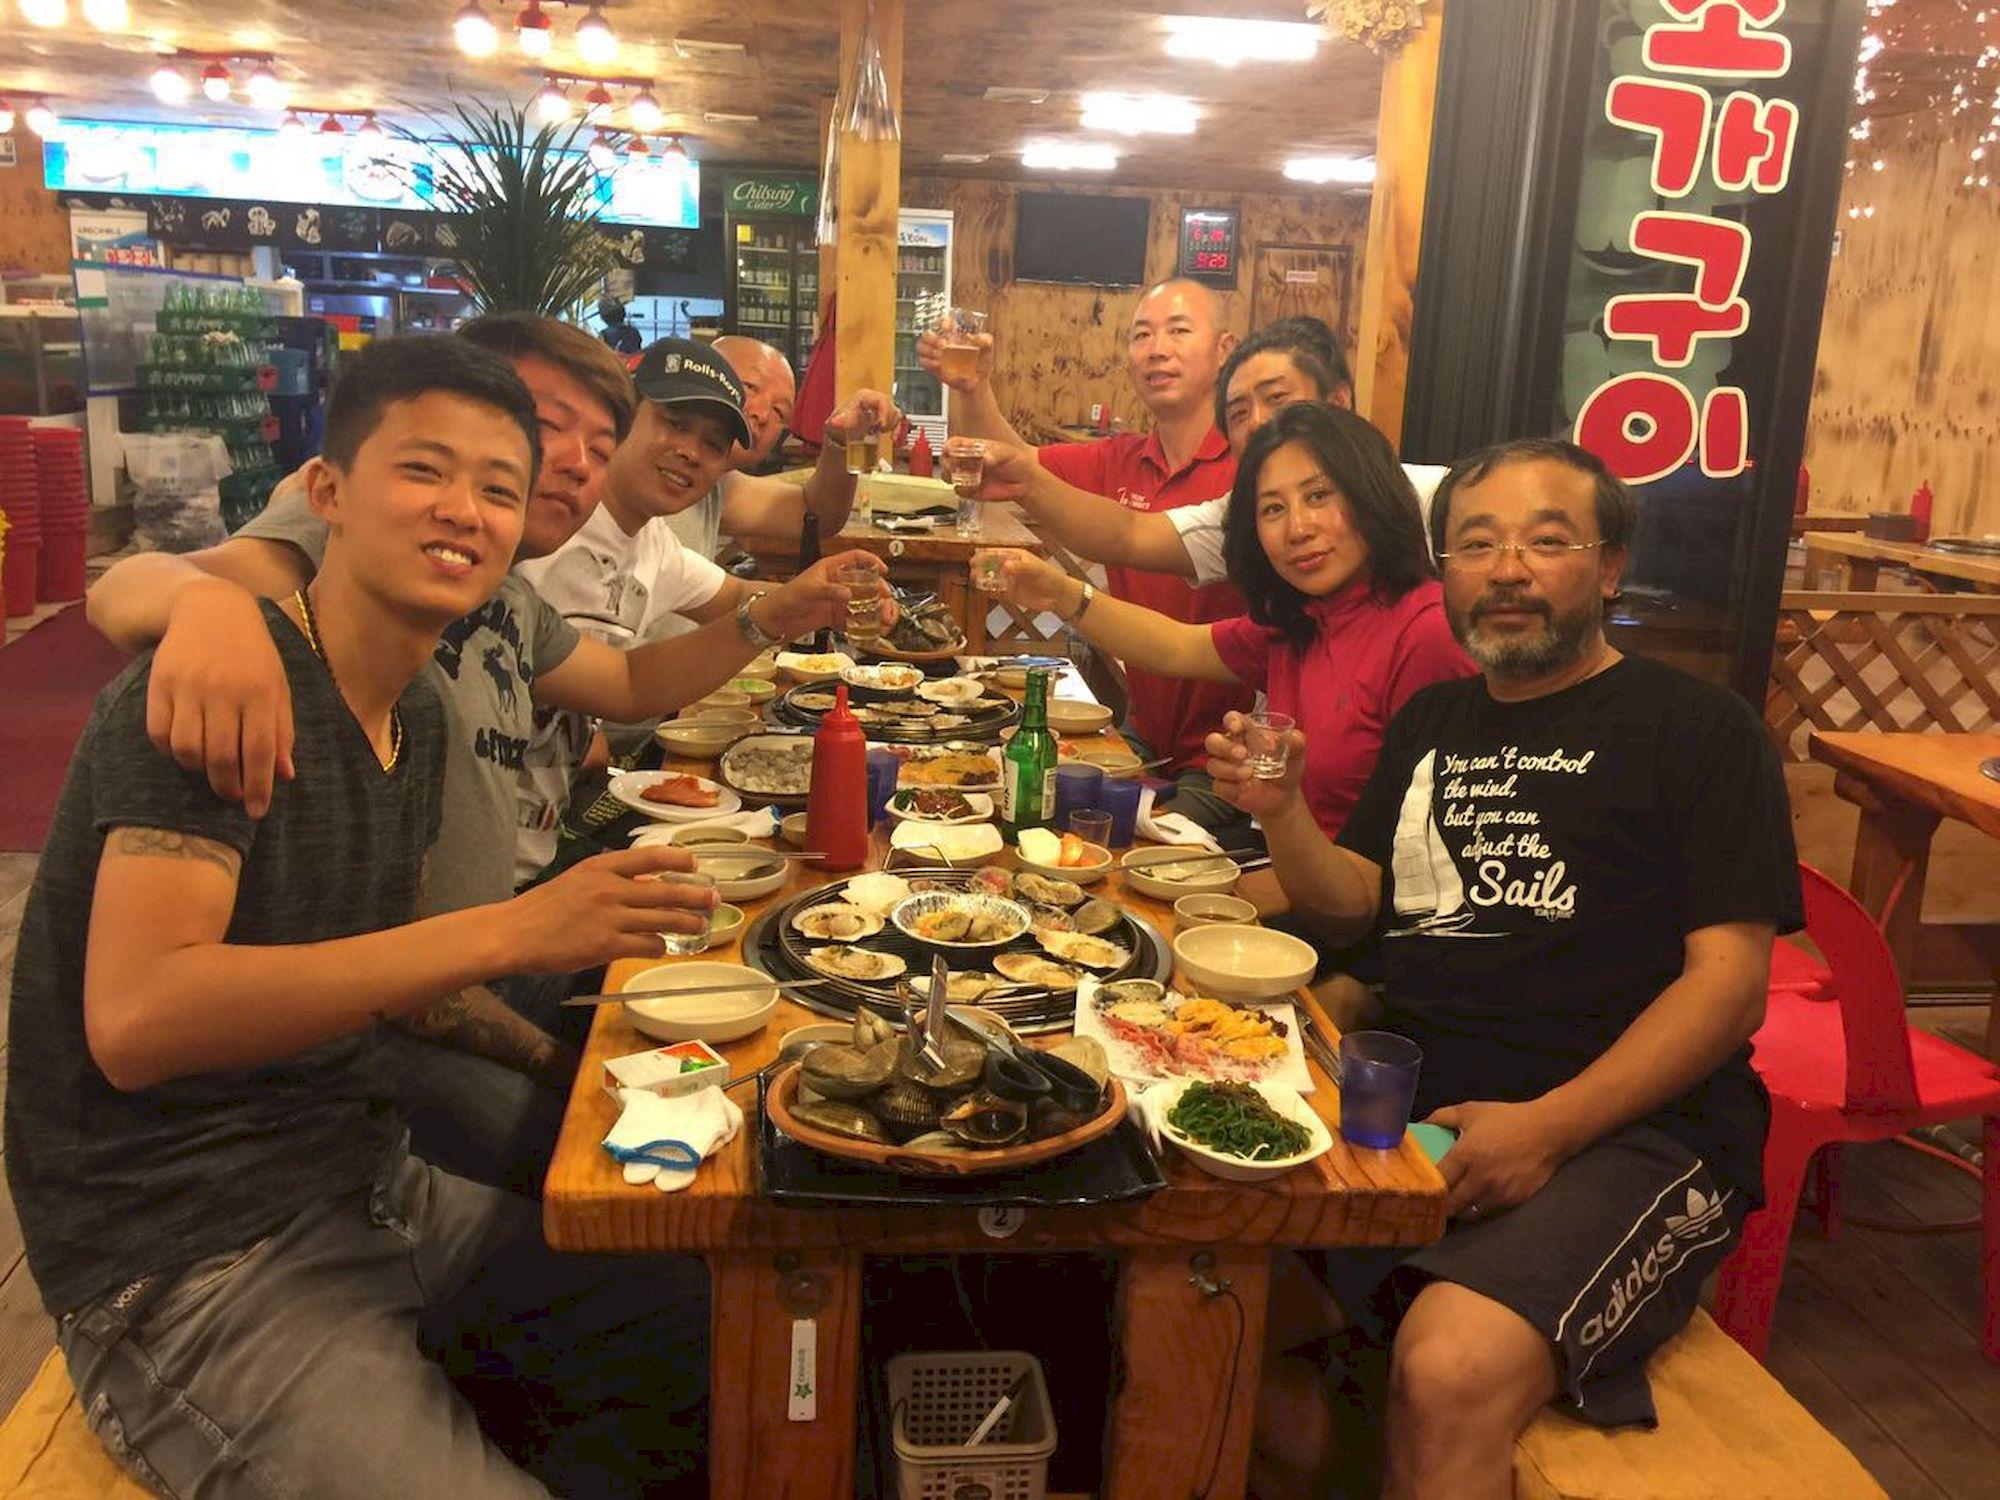 026-IMG_3170_千帆俱乐部我要航海网帆船队-2016威海-仁川国际帆船赛.JPG